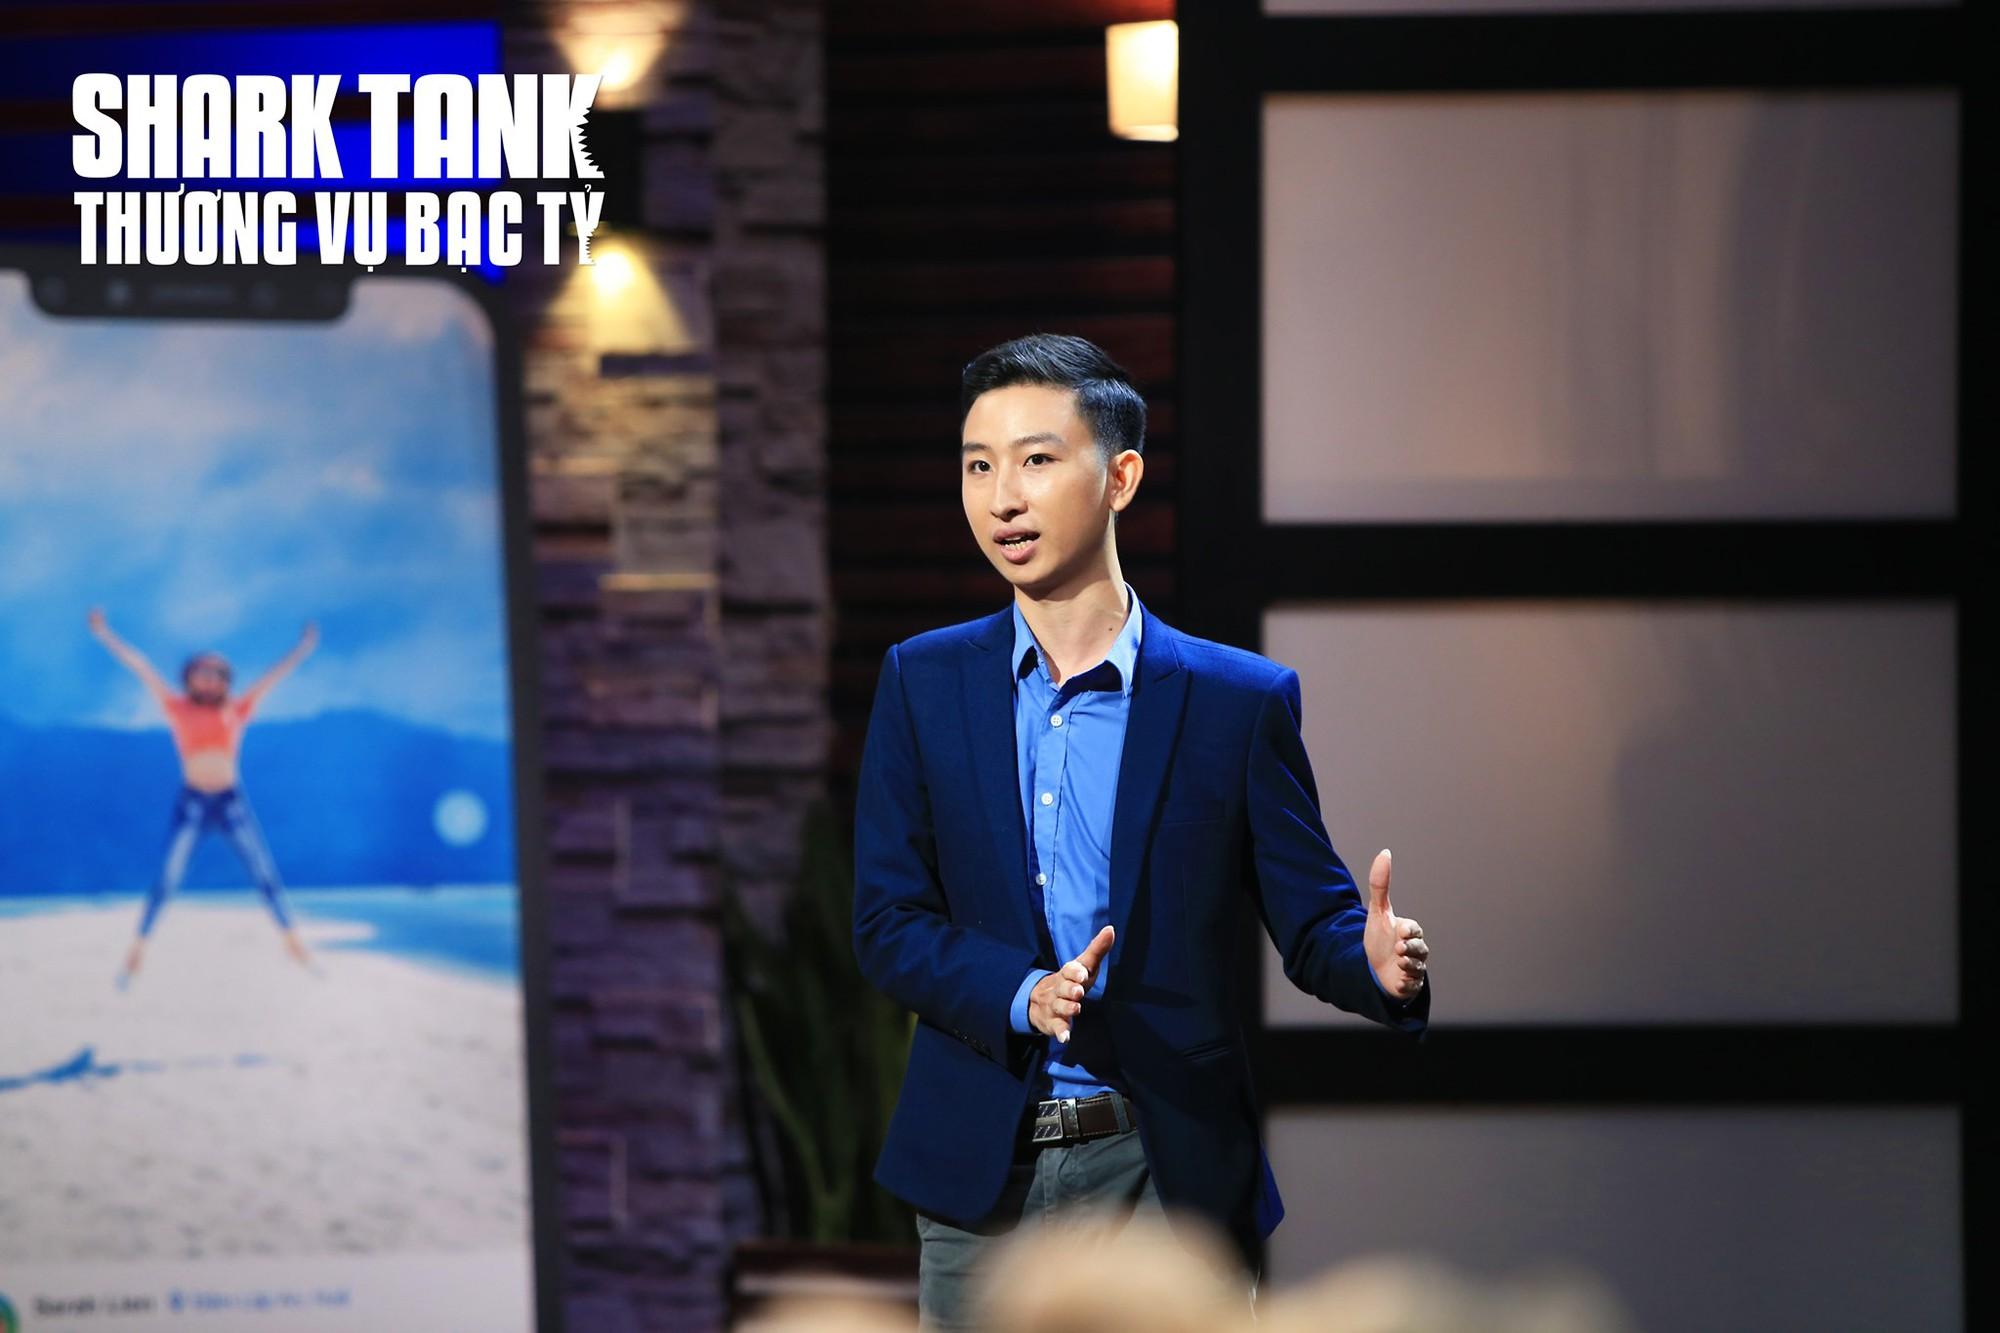 Bán nhà để kinh doanh, chàng kiểm toán viên khiến 3 'cá mập' tranh giành quyết liệt trên Shark Tank Việt Nam - Ảnh 1.